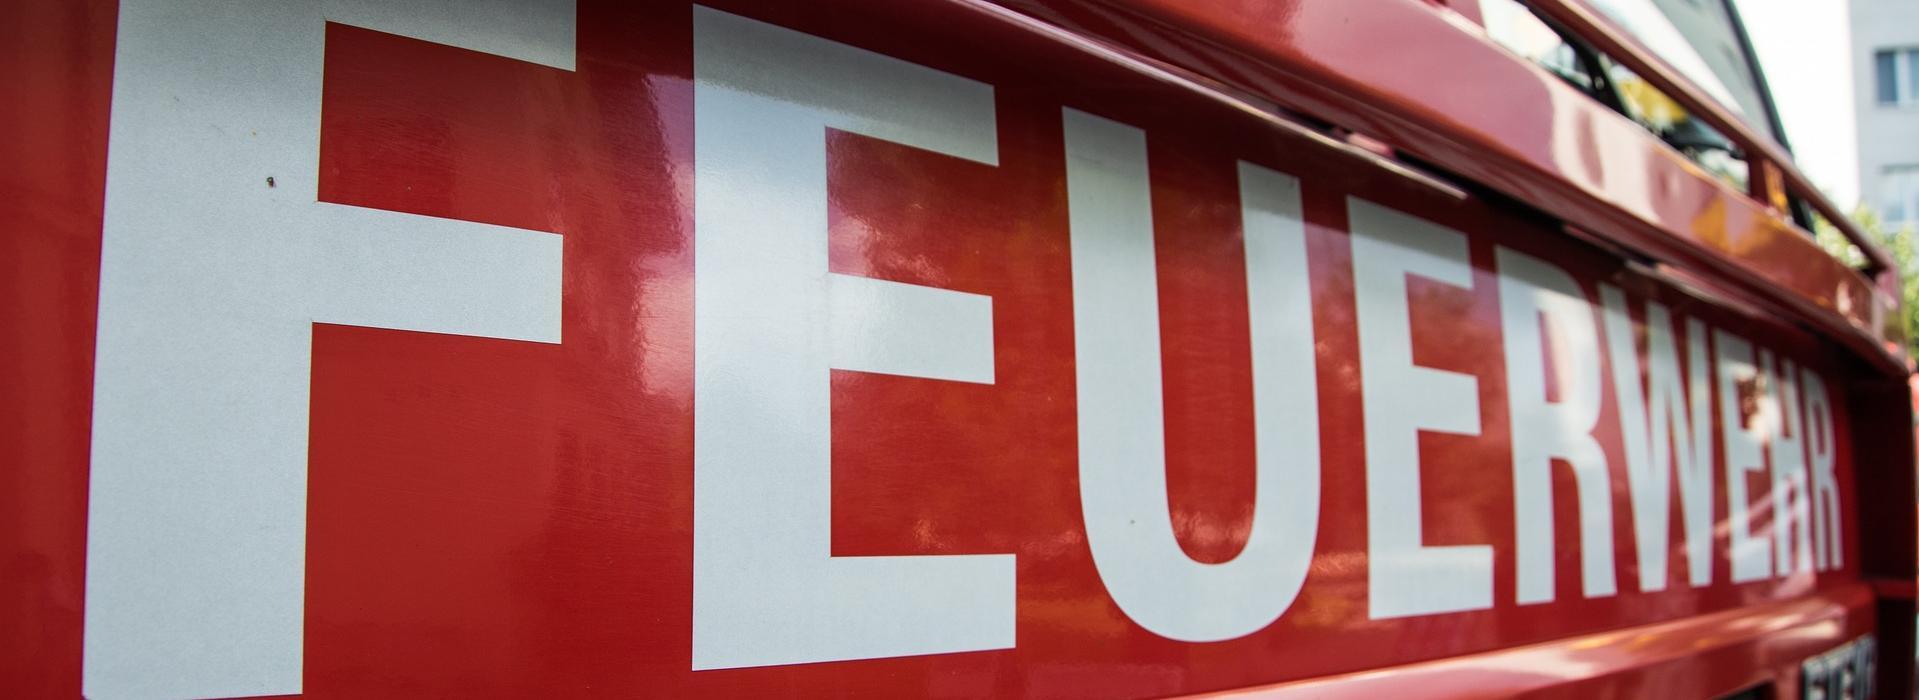 Schriftzug Feuerwehr auf der Frontseite eines Feuerwehrautos Feuerwehr.jpg